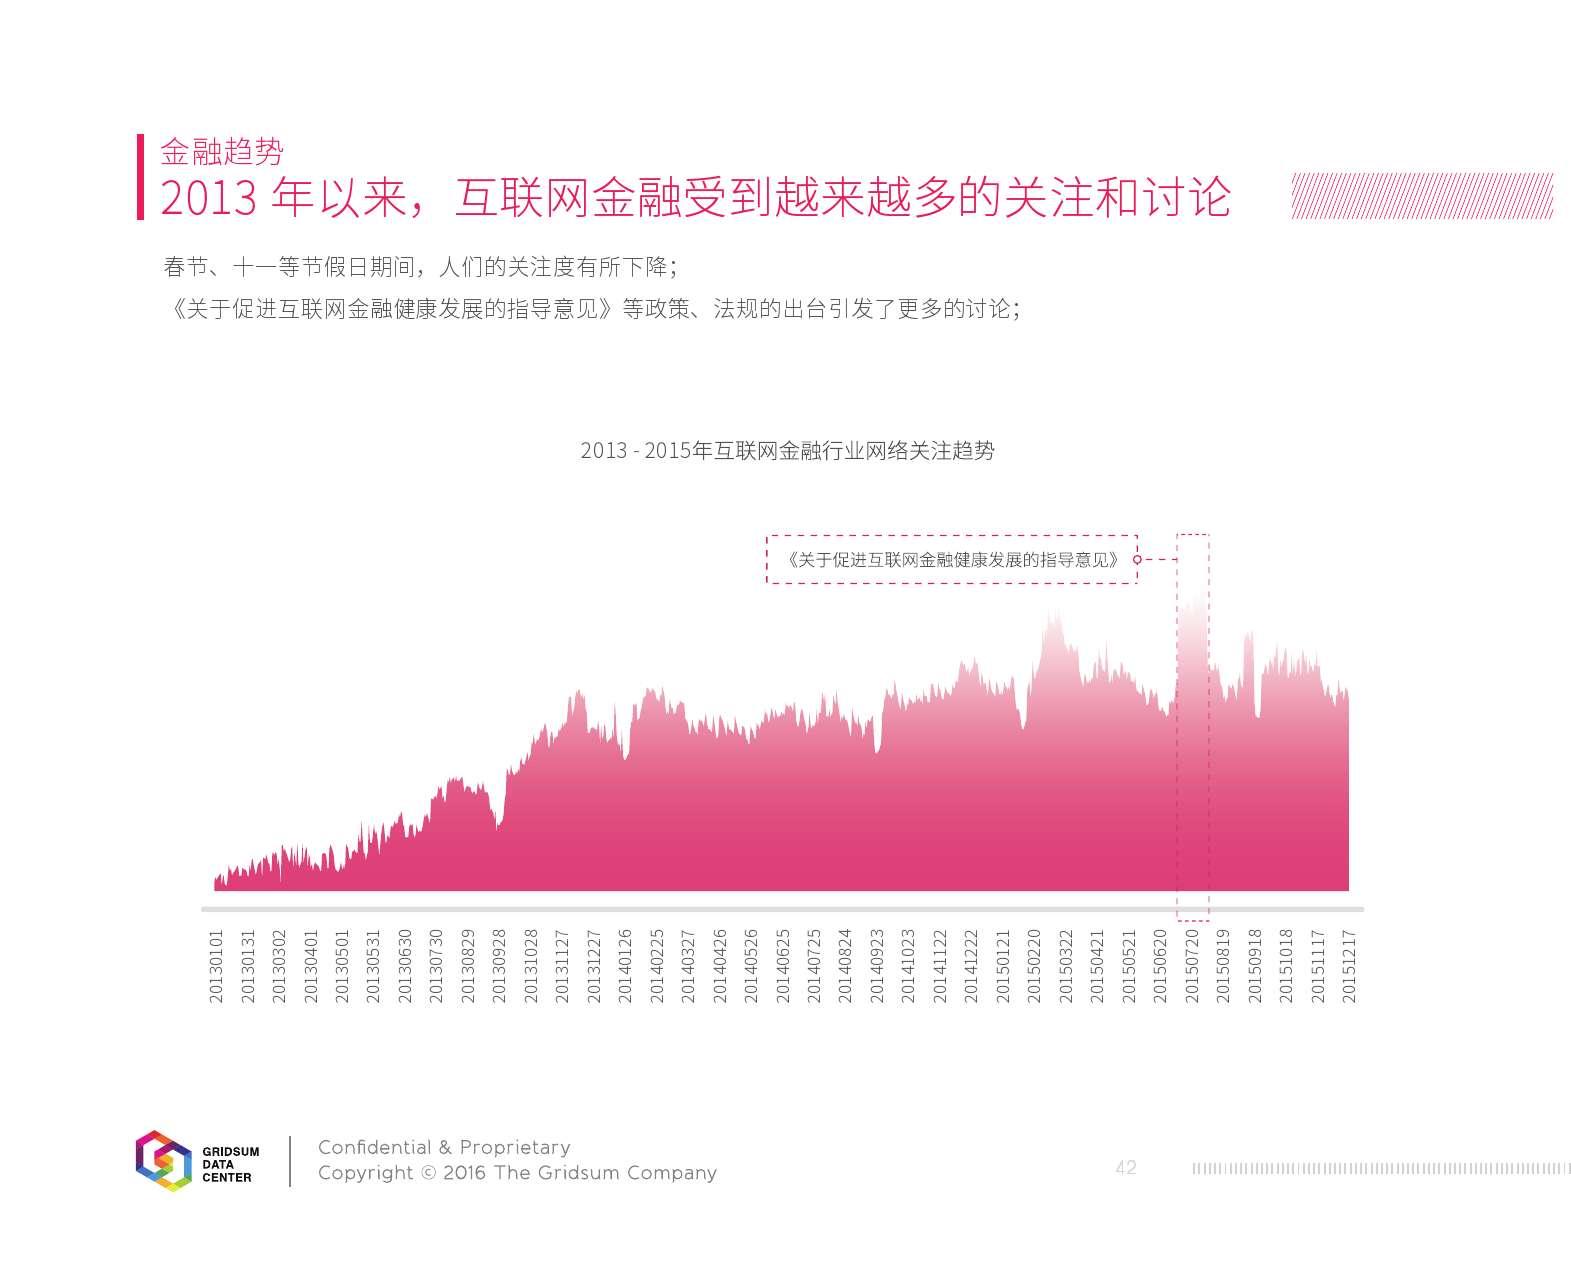 2015中国互联网发展报告_000044